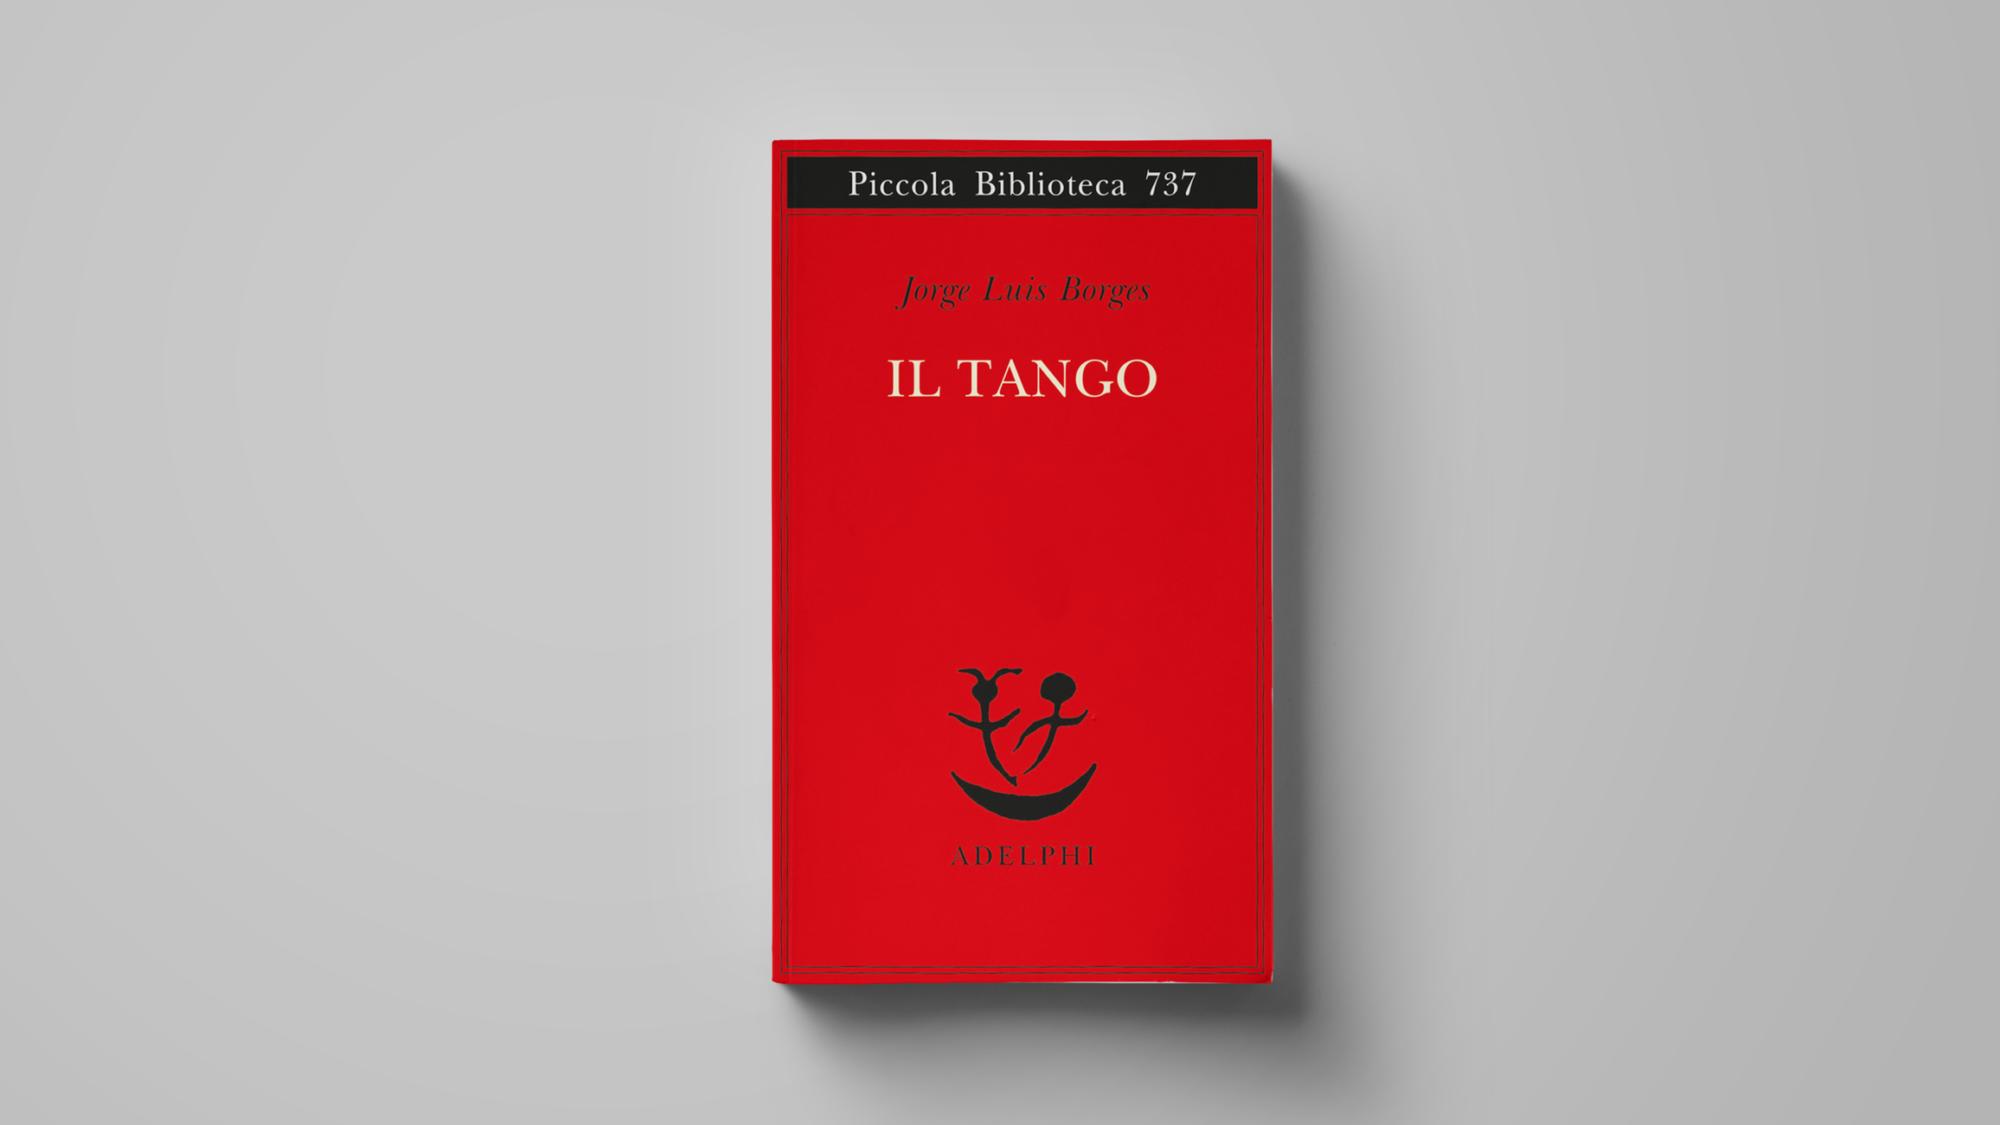 Tango sito di incontri